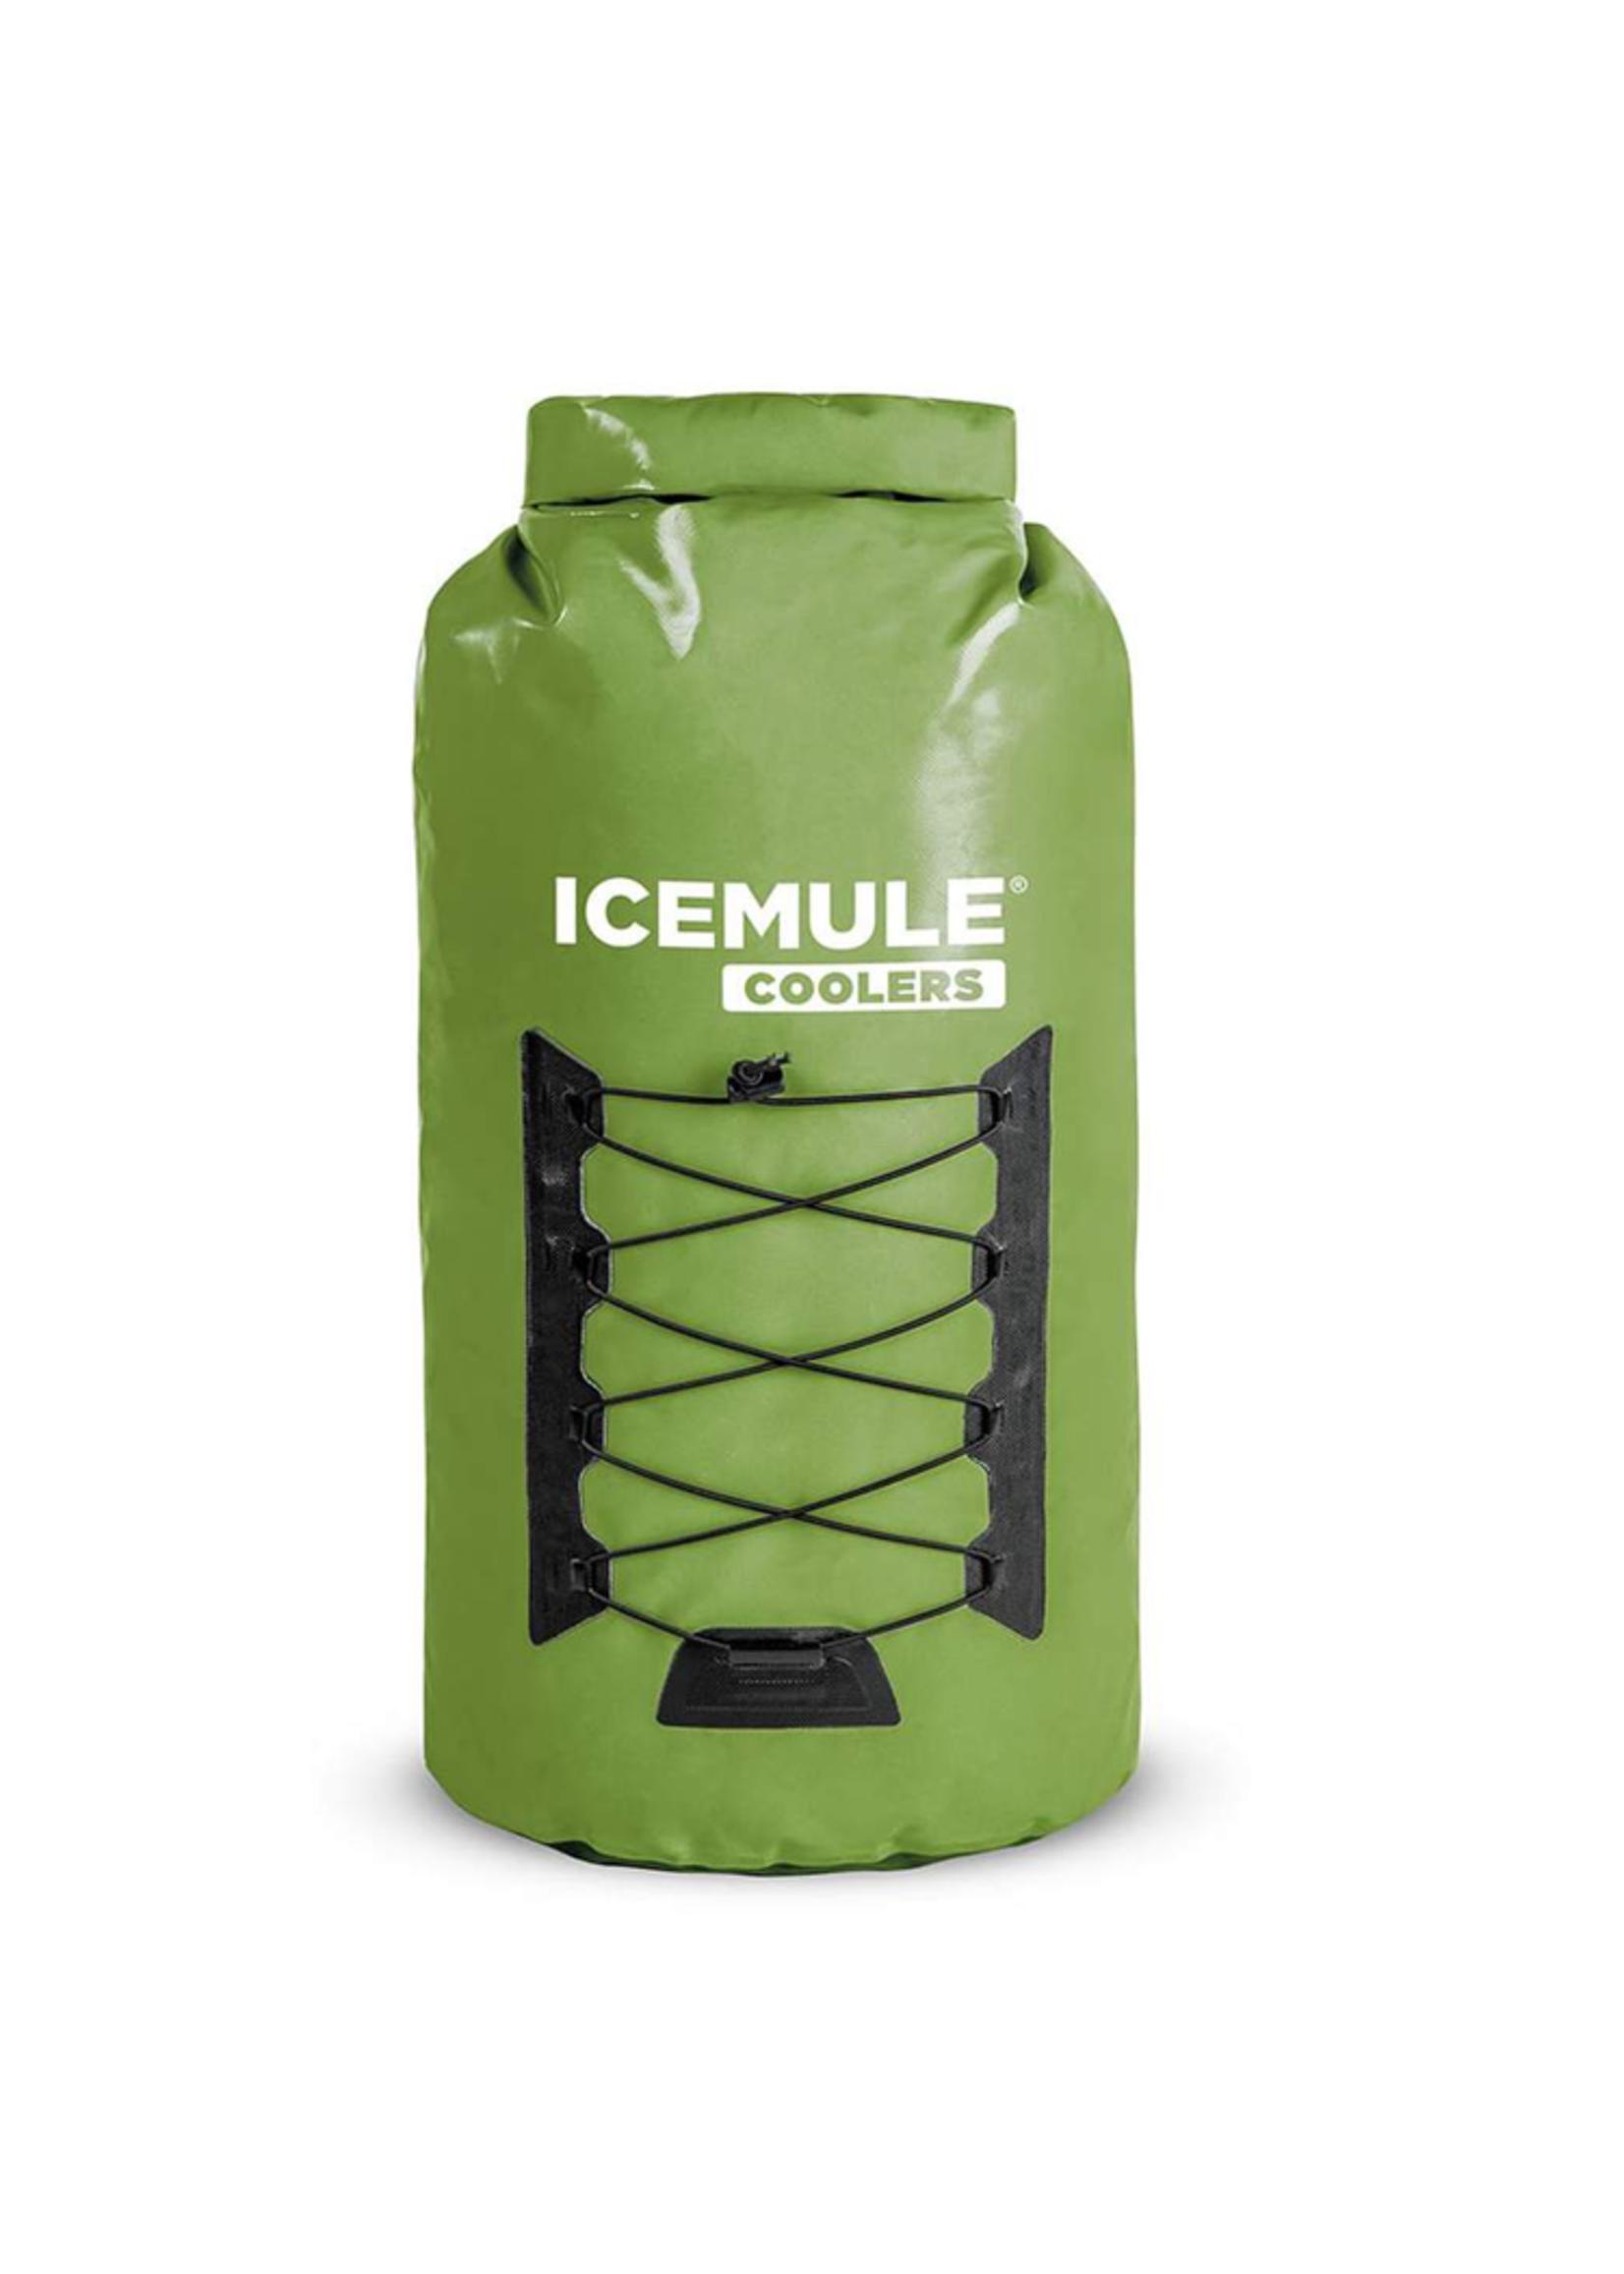 IceMule Ice Mule Pro Cooler - XXL